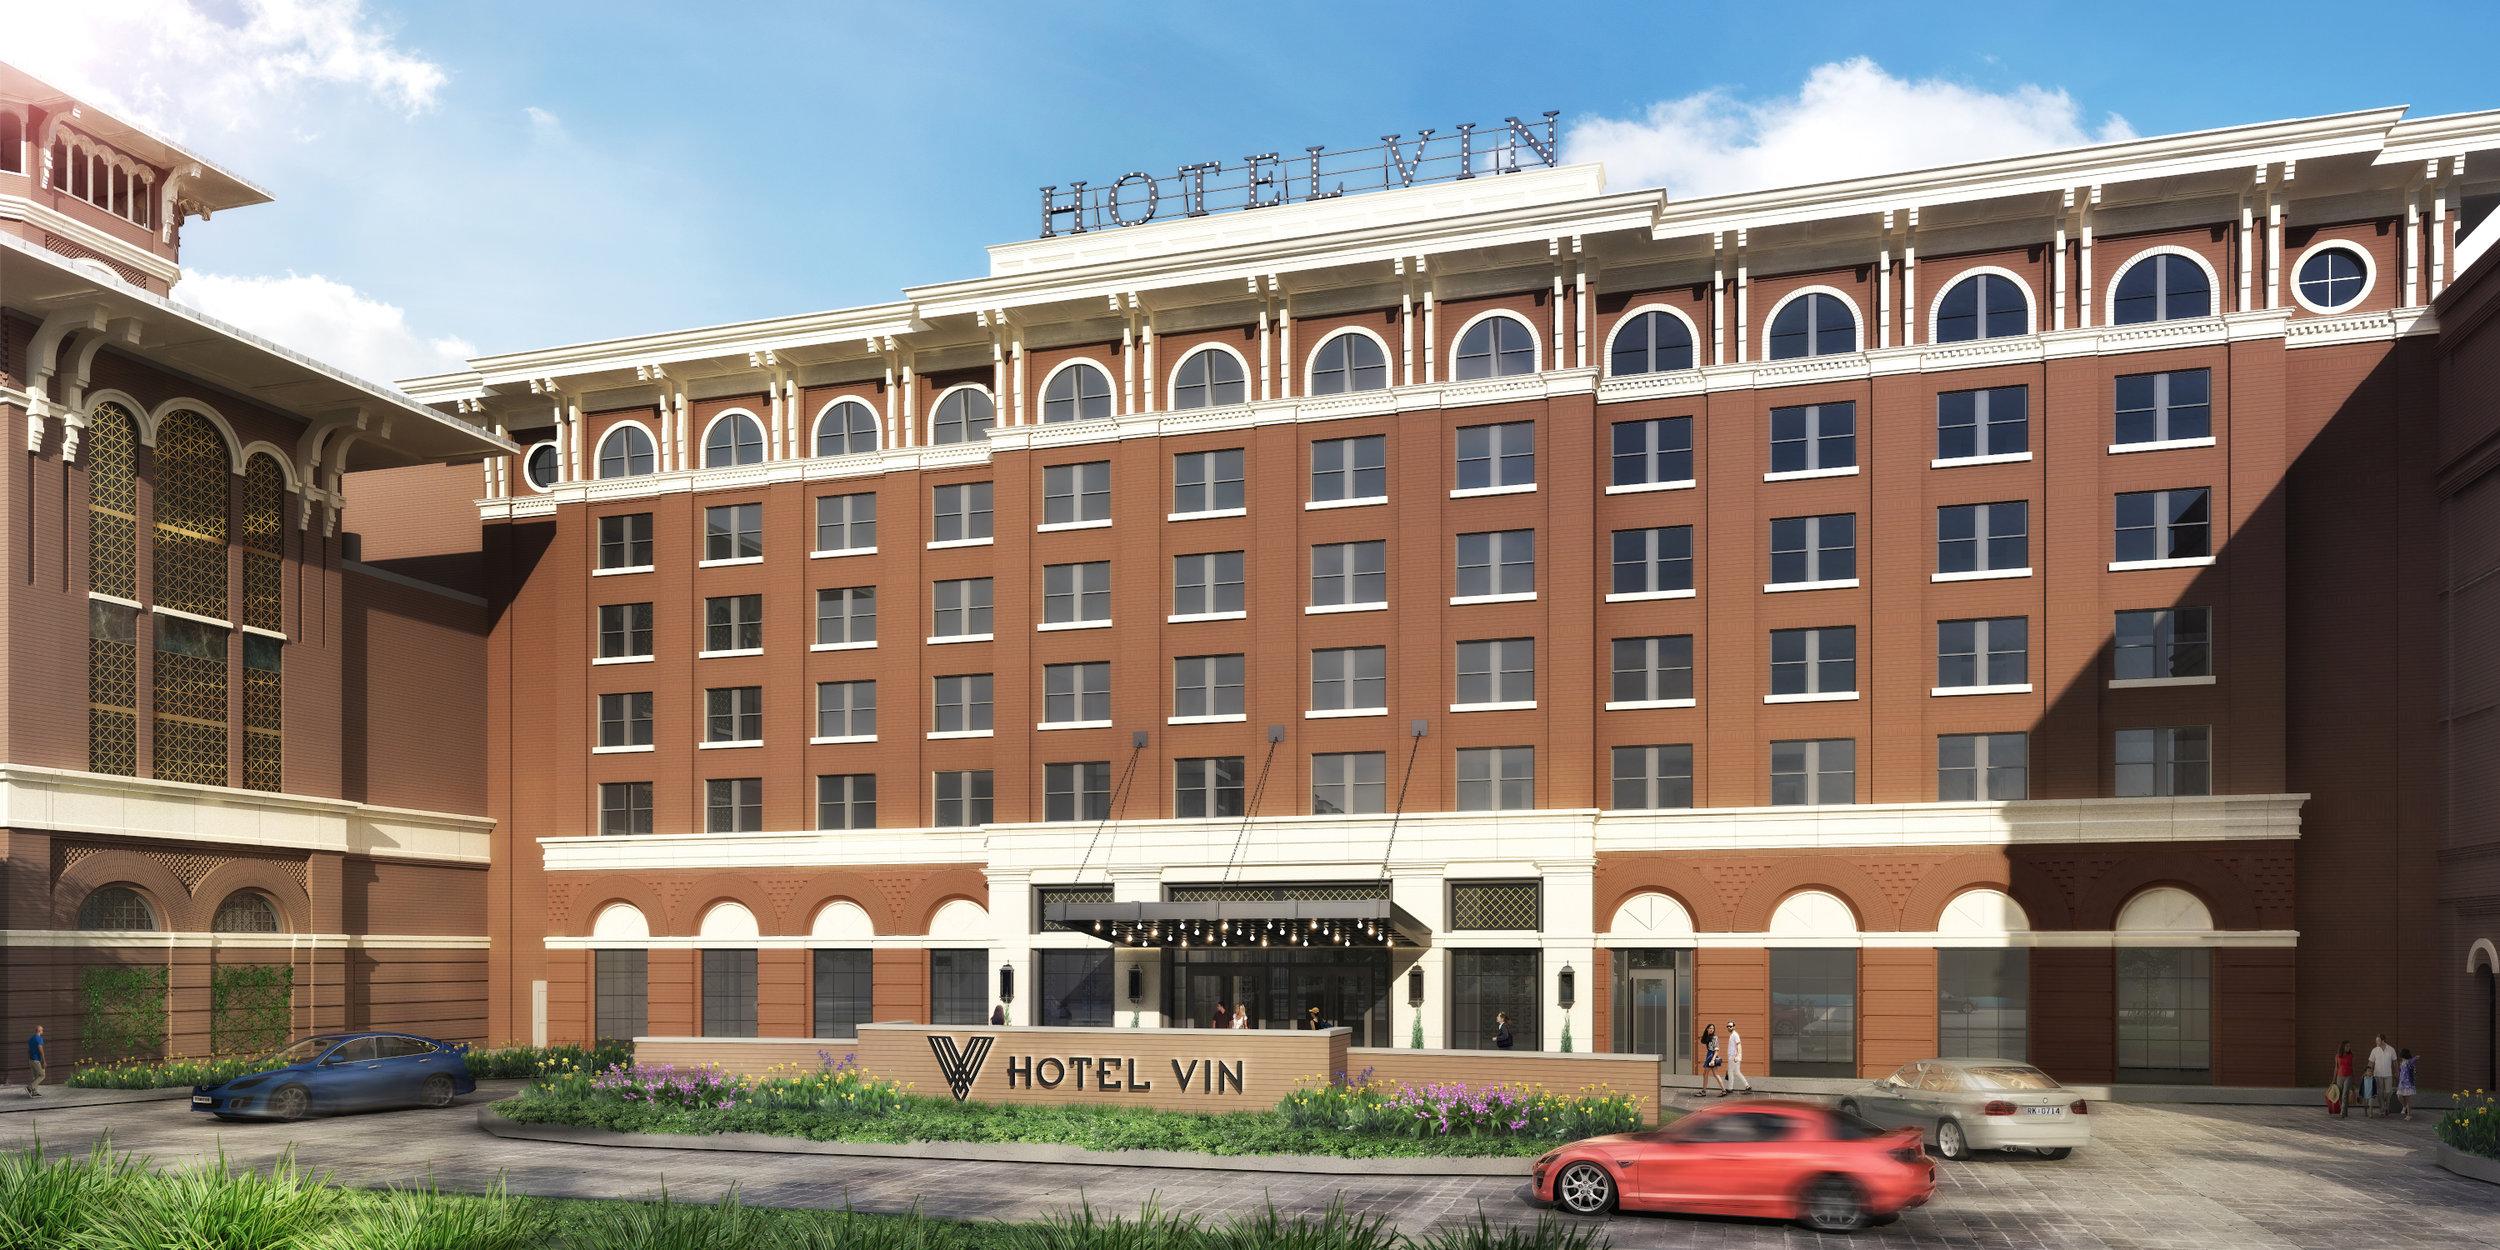 hotel facade 02-medium.JPG